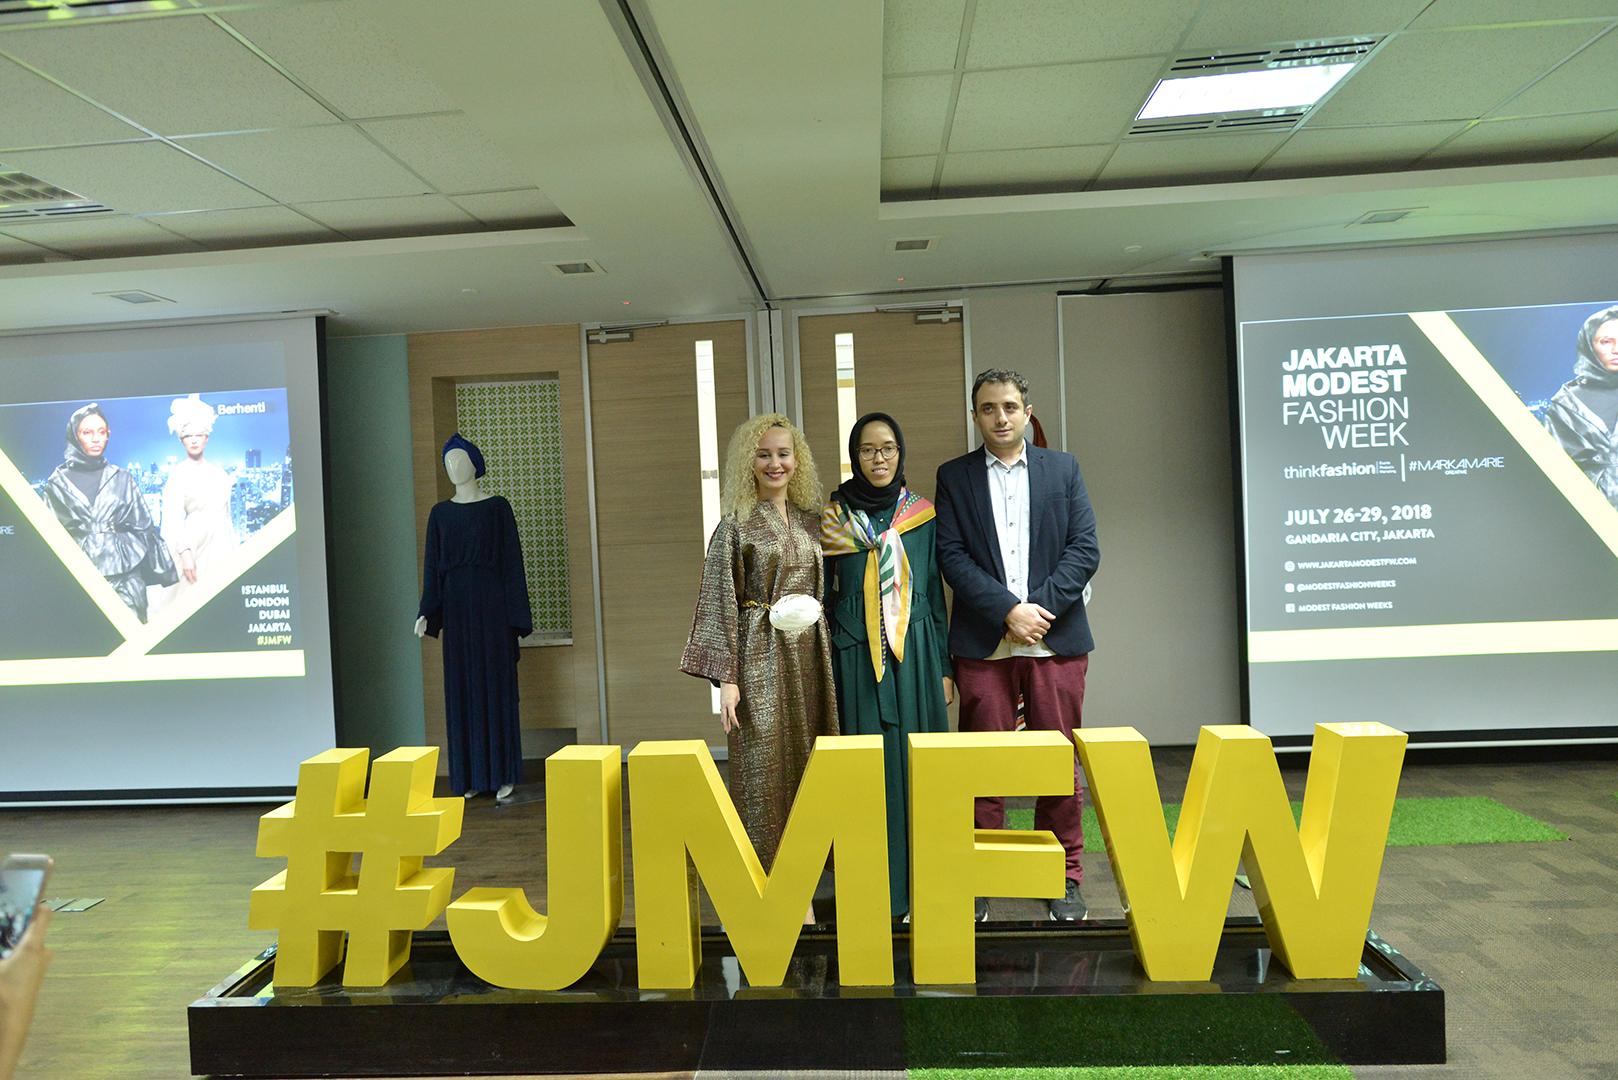 Jakarta Modest Fashion Week, dünya modasını Asya ile buluşturdu!